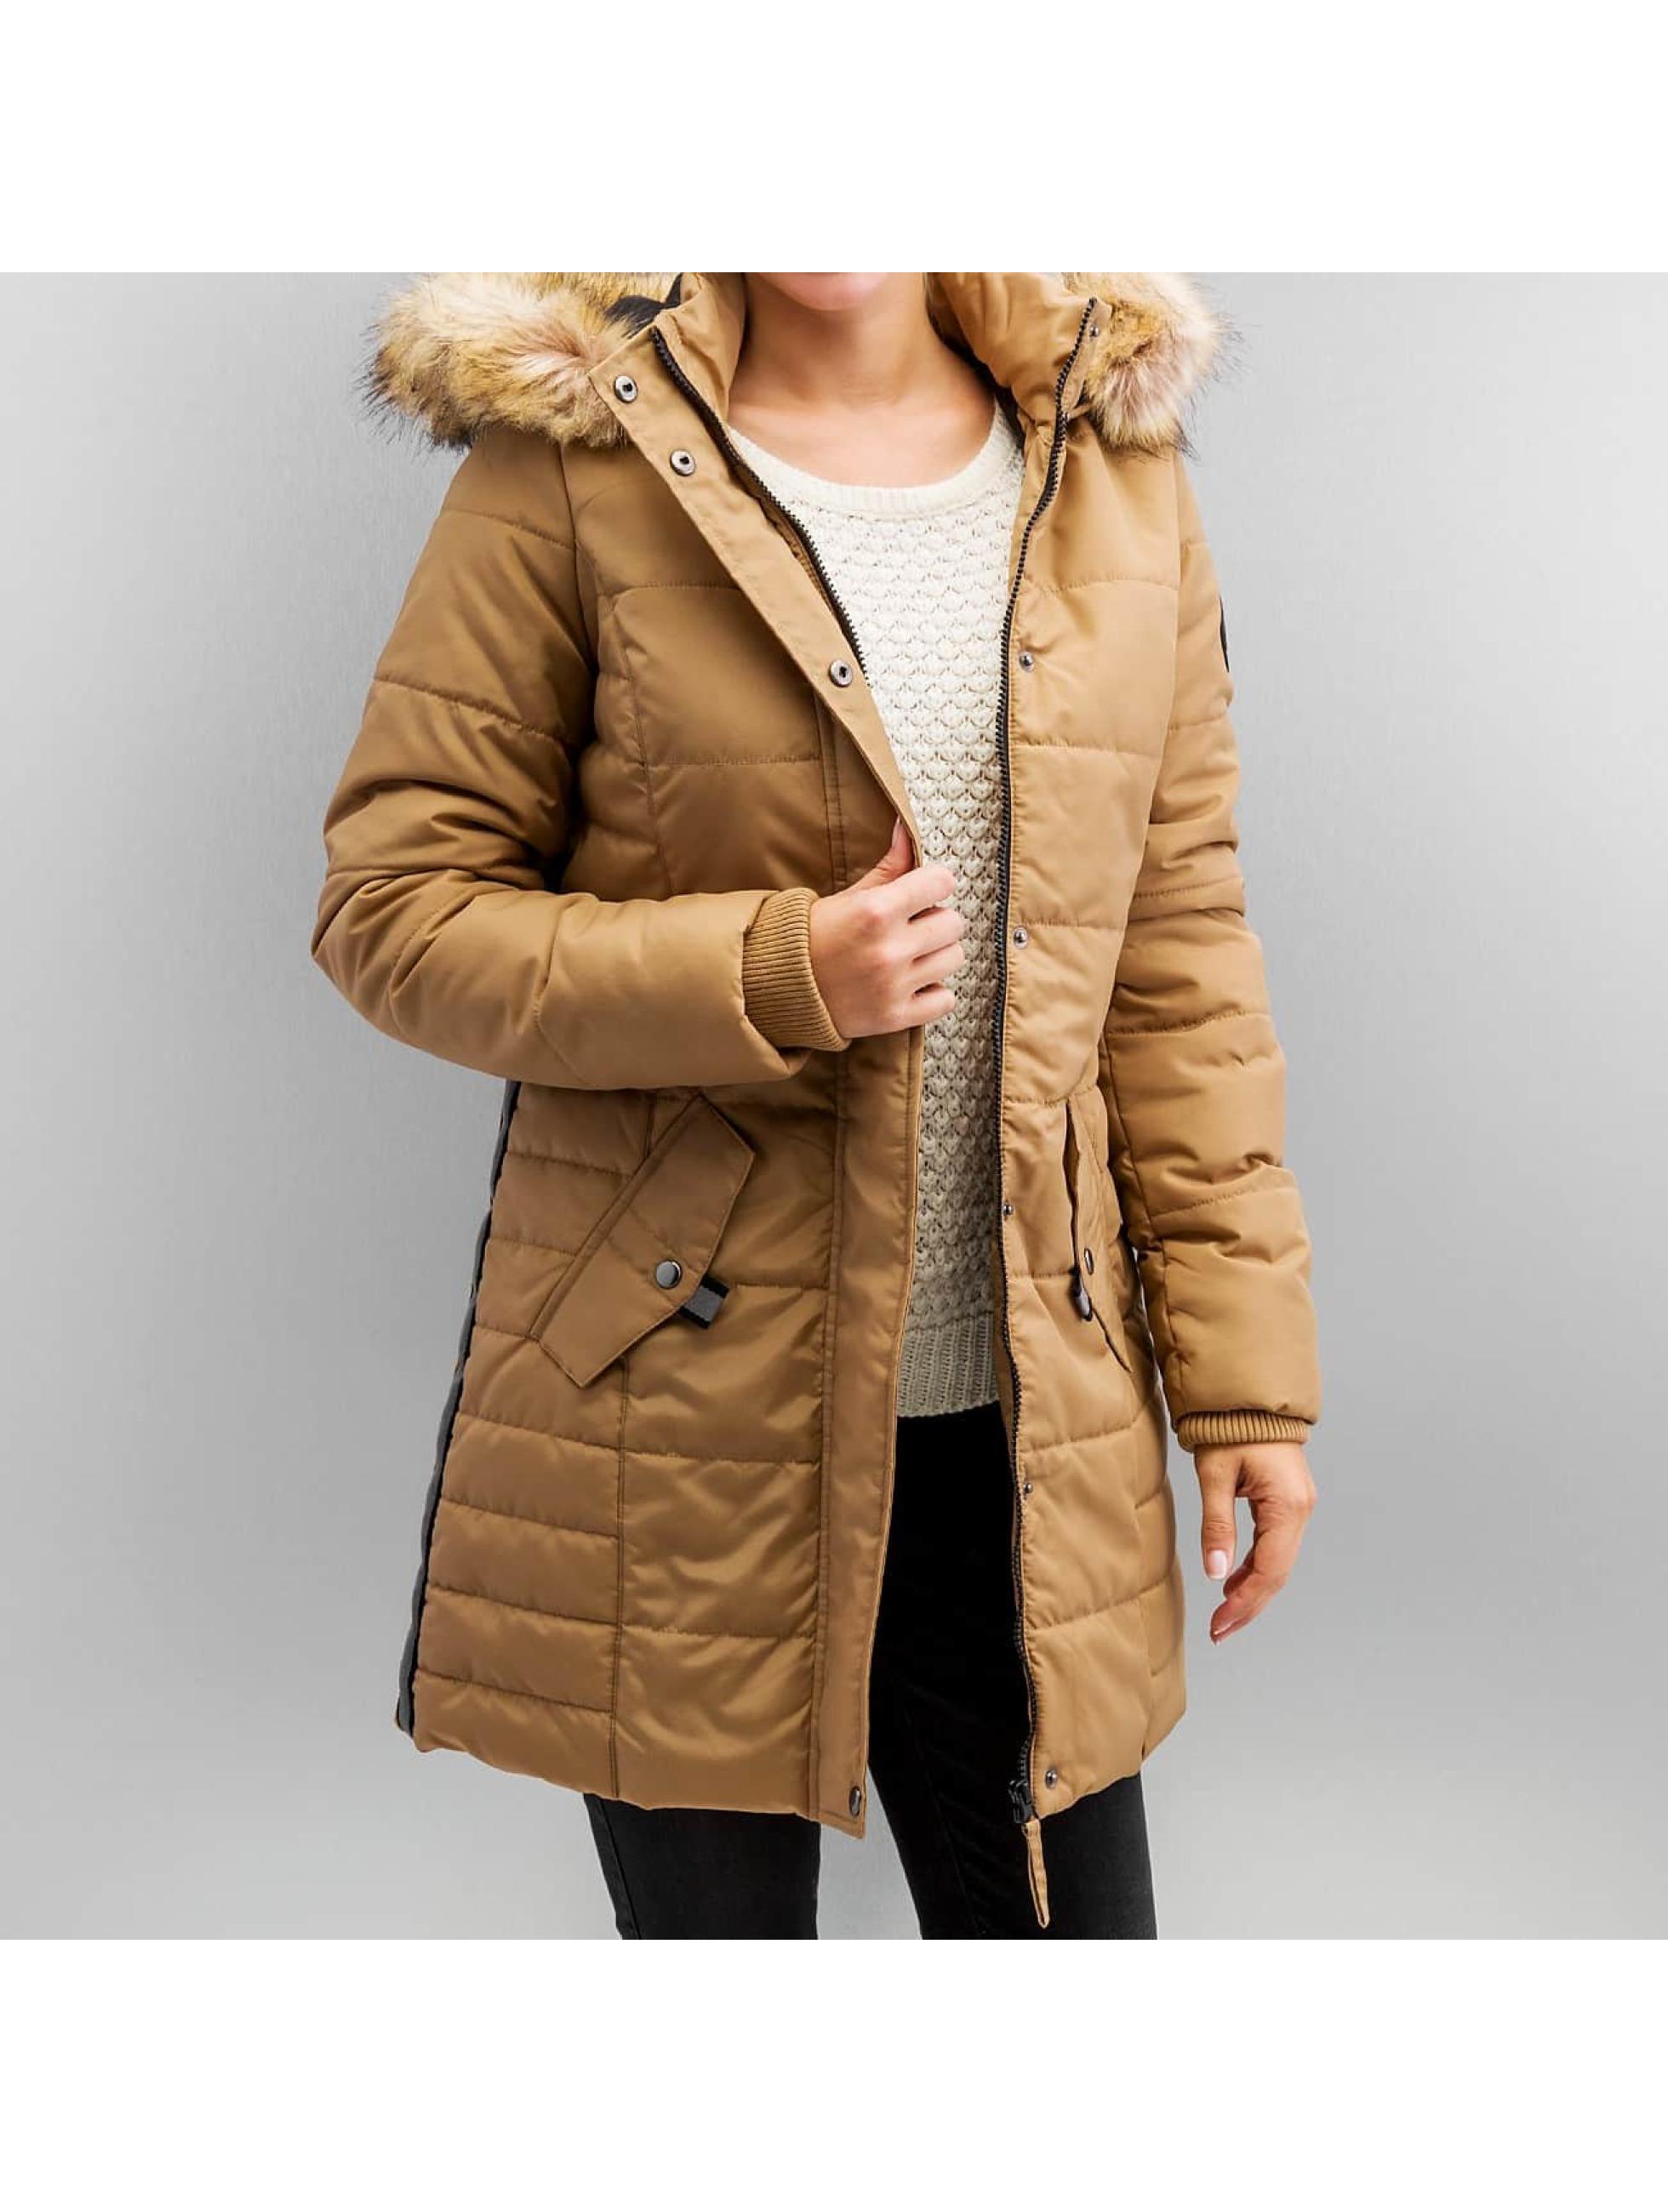 Mantel cmGaps Gabbie in beige